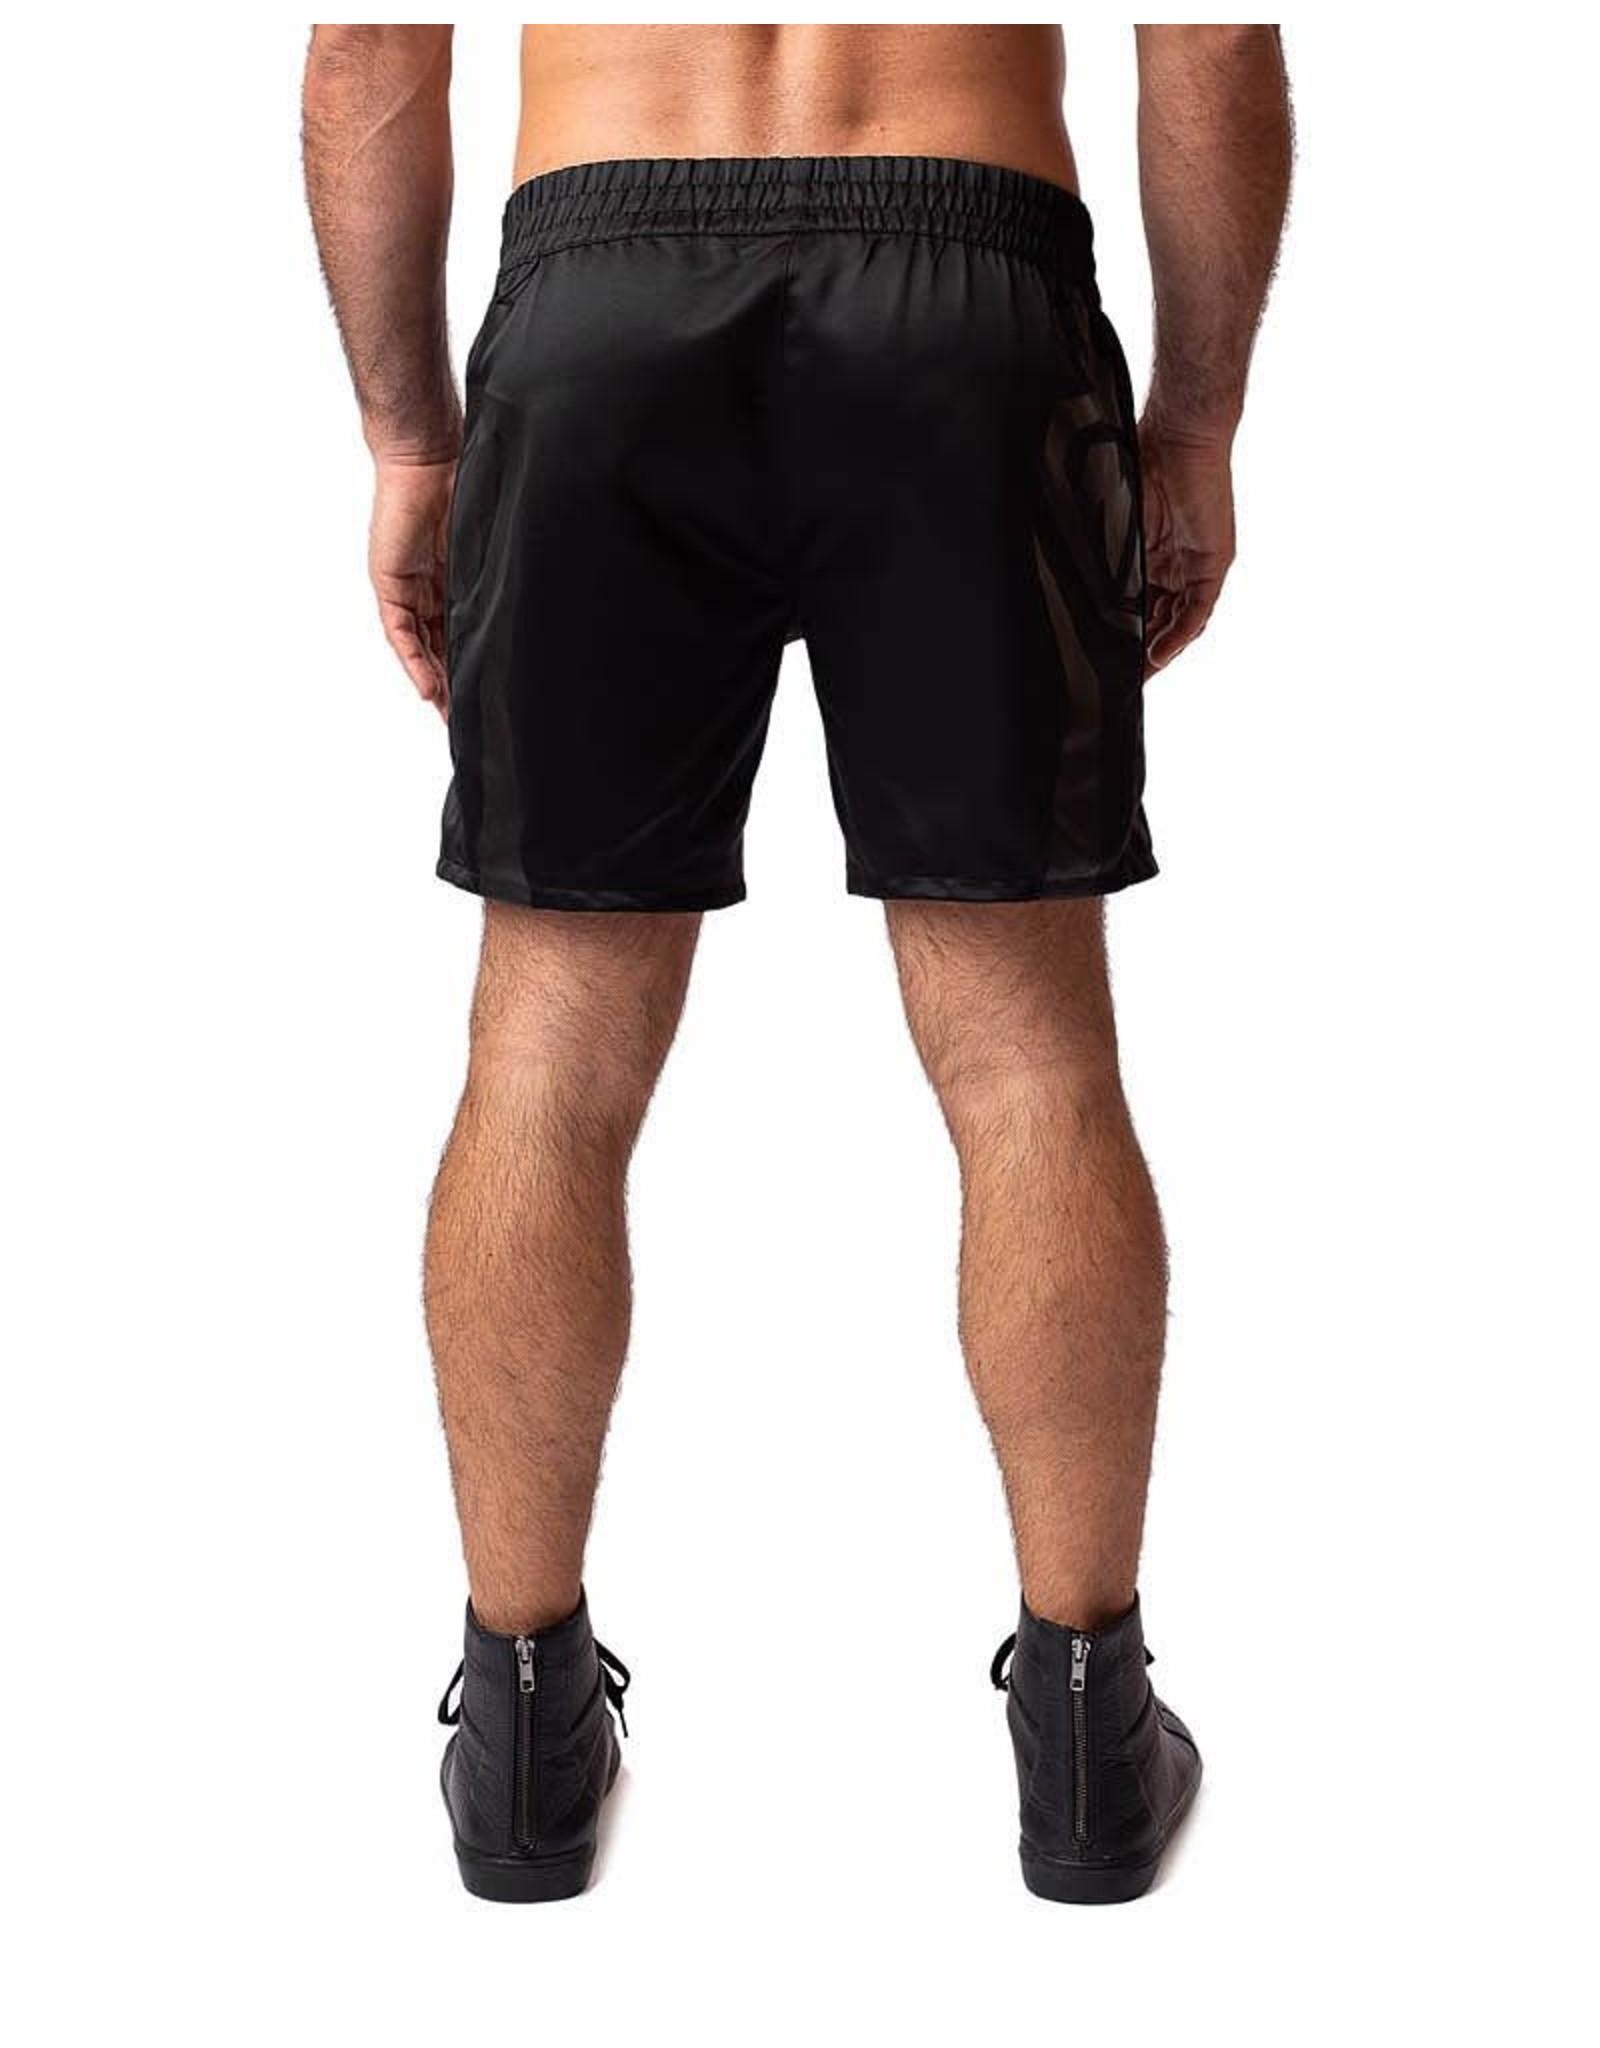 Nasty Pig Nasty Pig Blackout Rugby Short